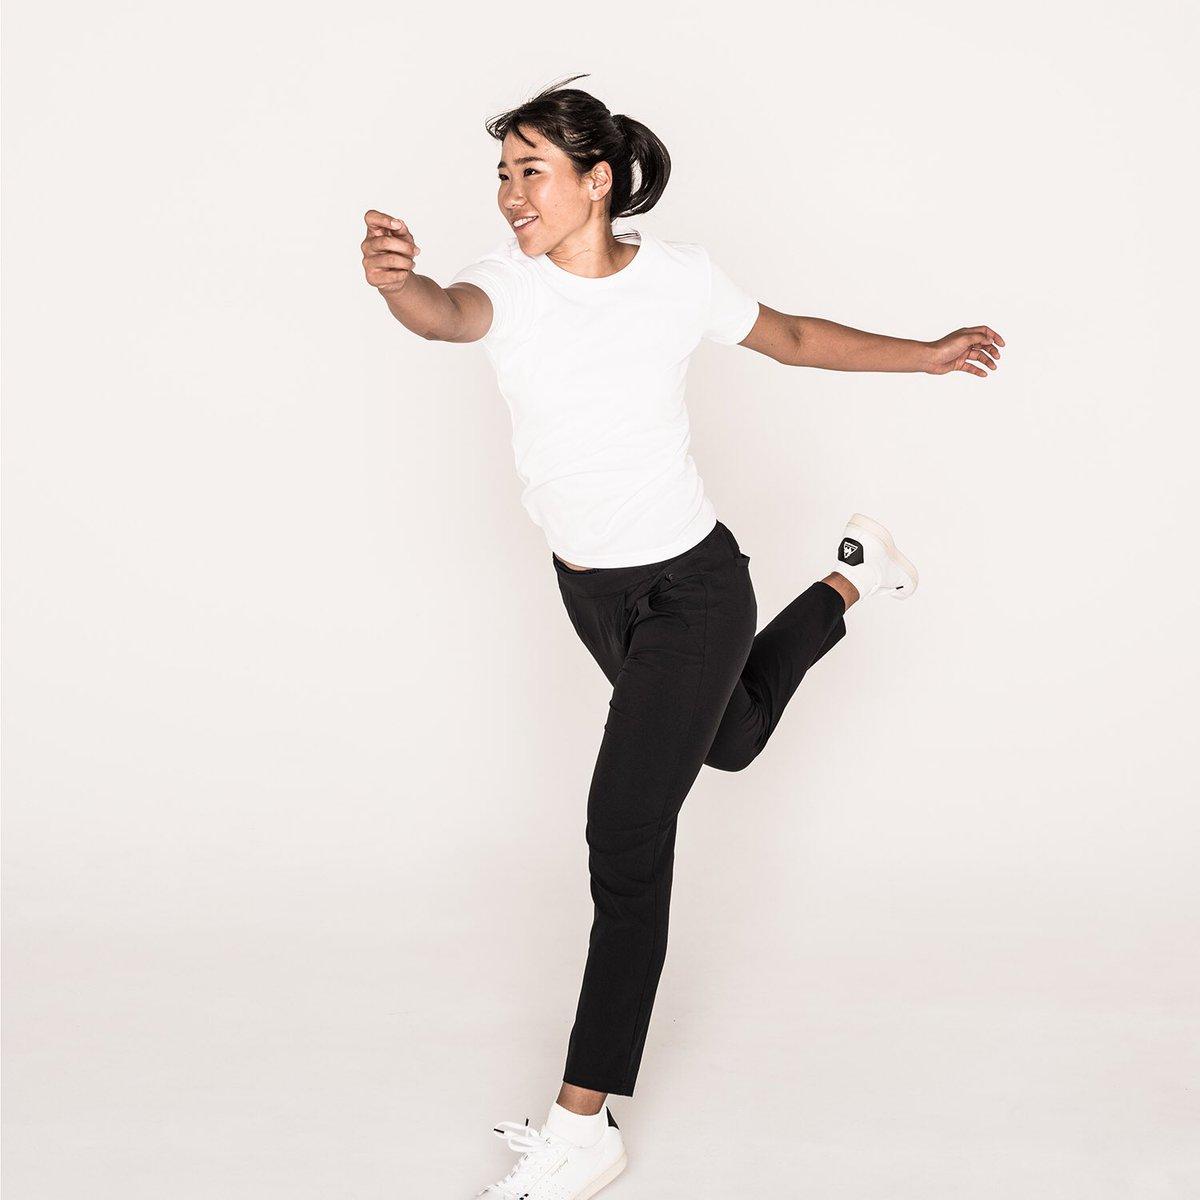 #日比野菜緒 /プロテニスプレイヤー #小林愛三 /キックボクサー #Ami /ダンサー #橋本優弥 /自転車トラックレース選手  彼女たちが履く新作 #エアスタイリッシュパンツ がもらえるキャンペーン実施中!  詳しくはこちら   #lecoqsportif #ルコックスポルティフ